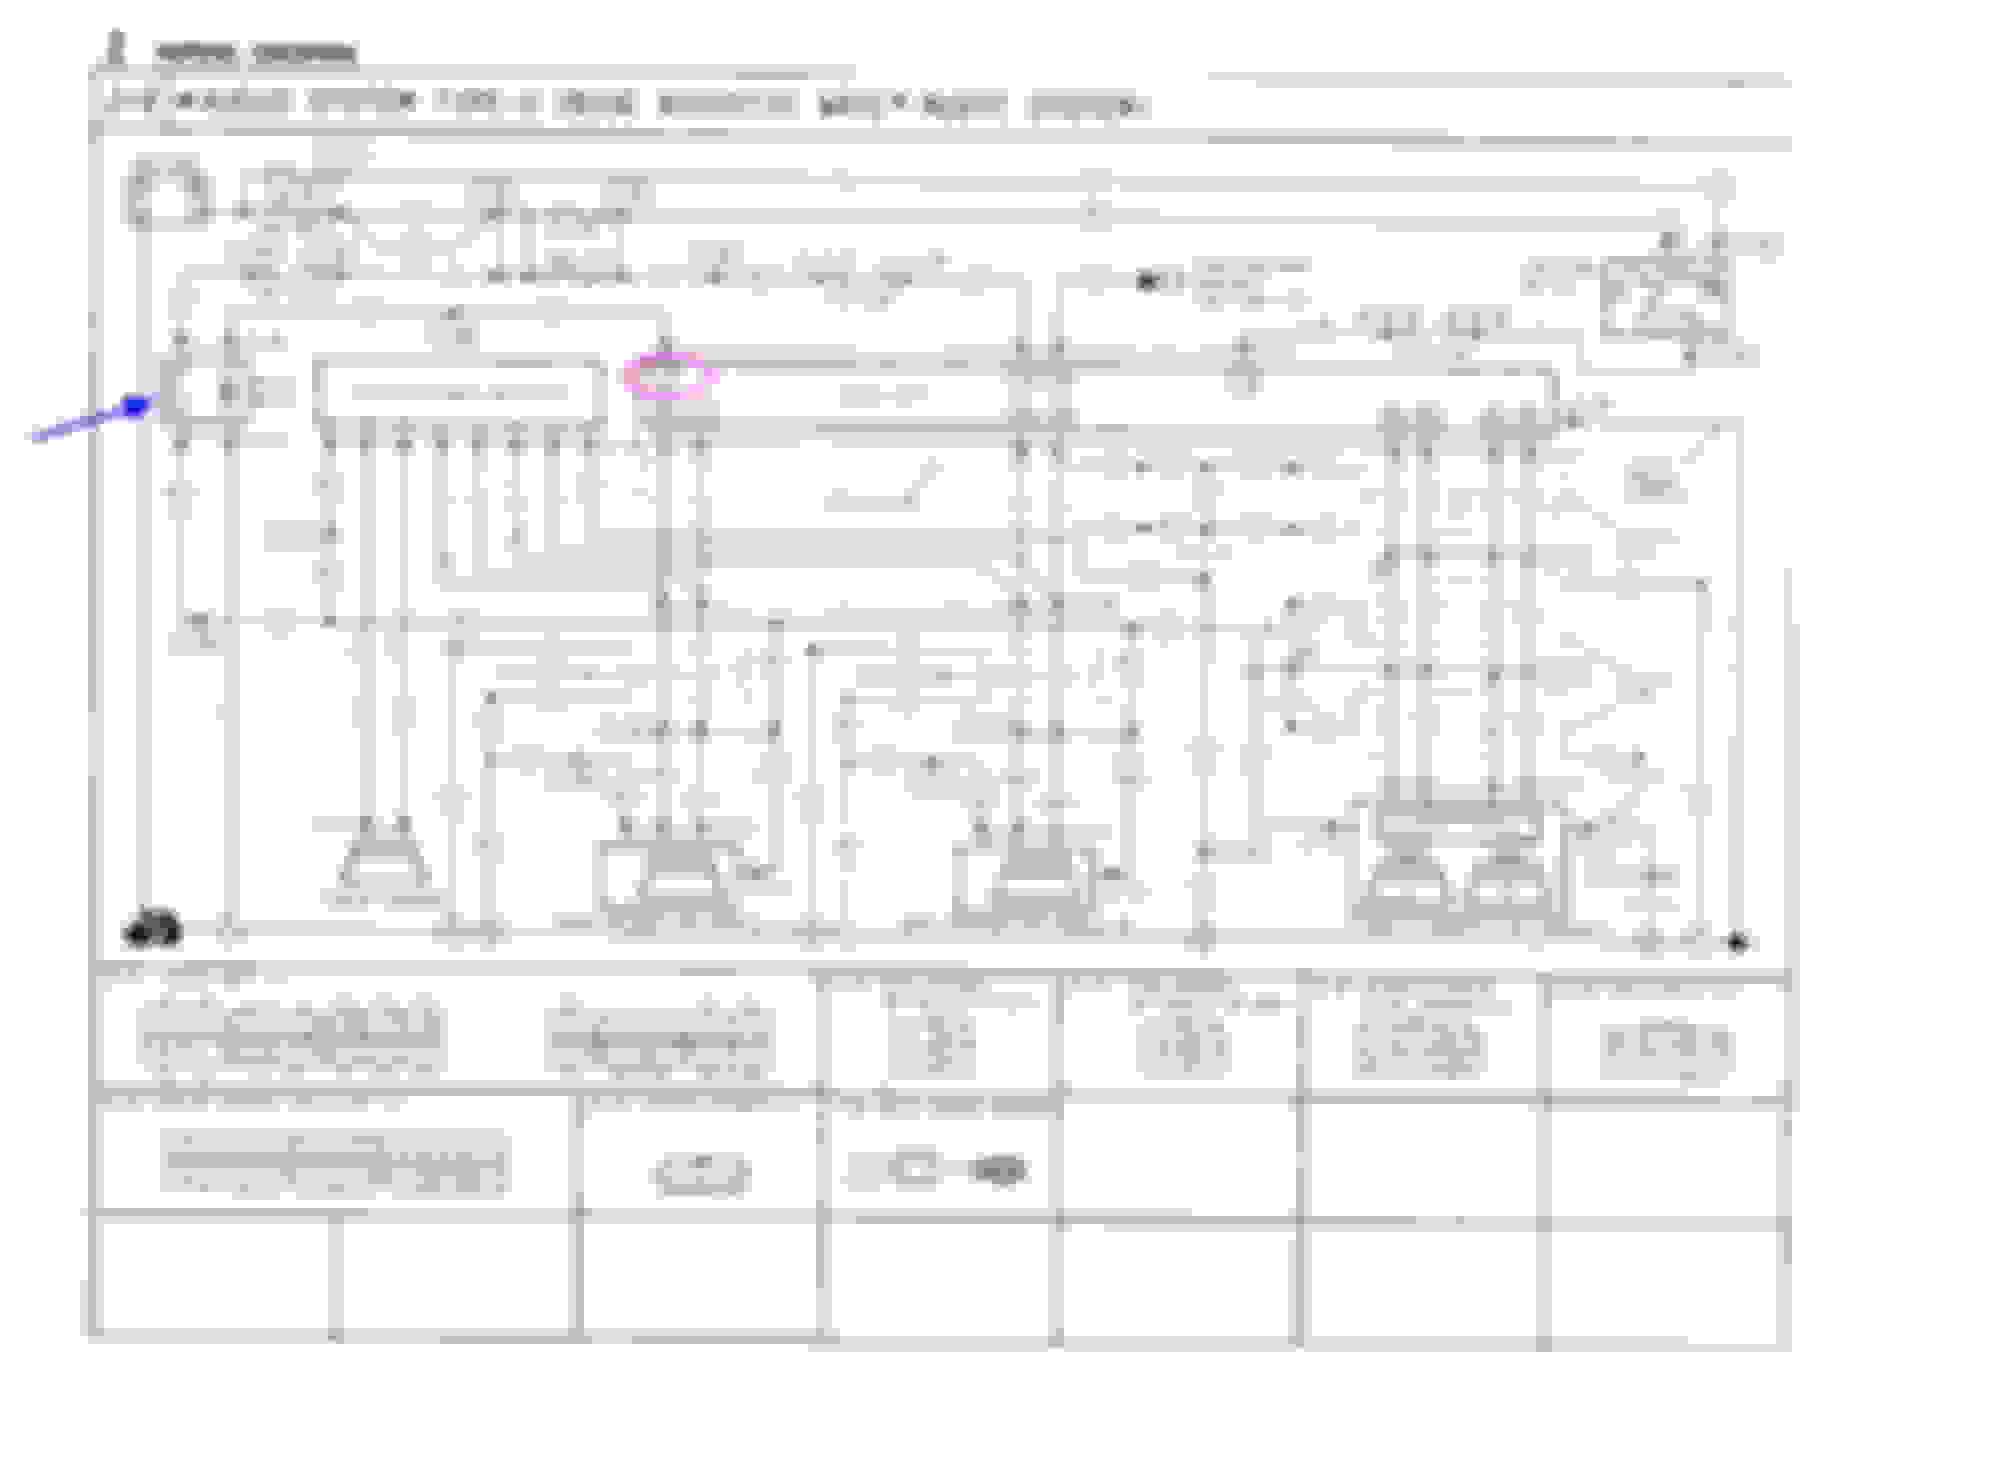 Bose Wiring Diagram Rx7club Com Mazda Rx7 Forum